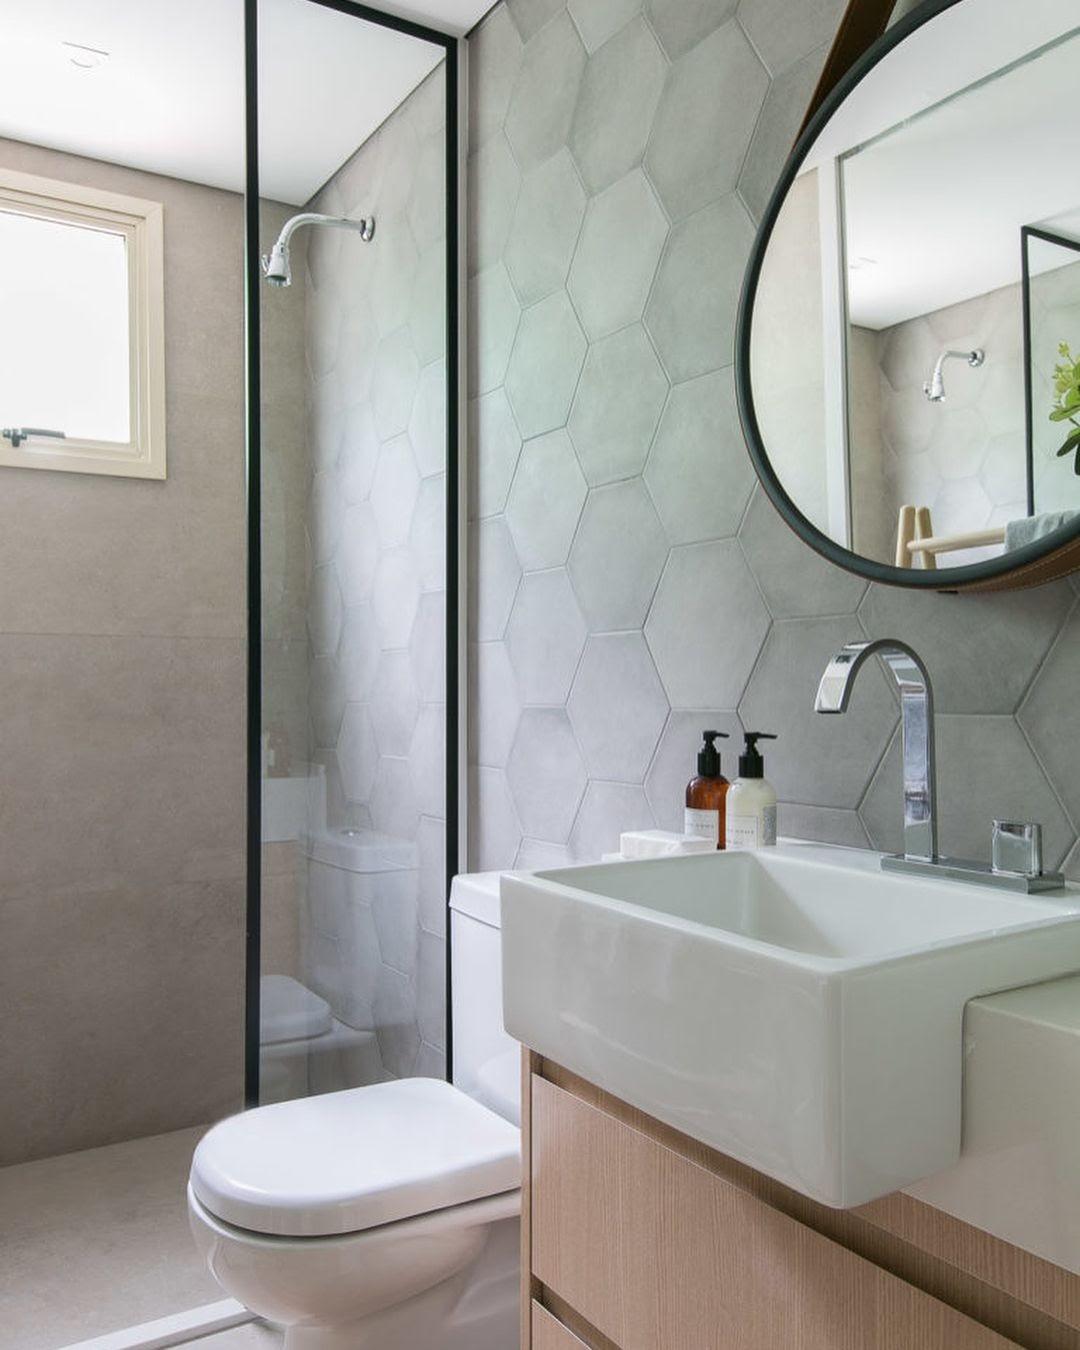 banheiro revestimento hexagonal na parede